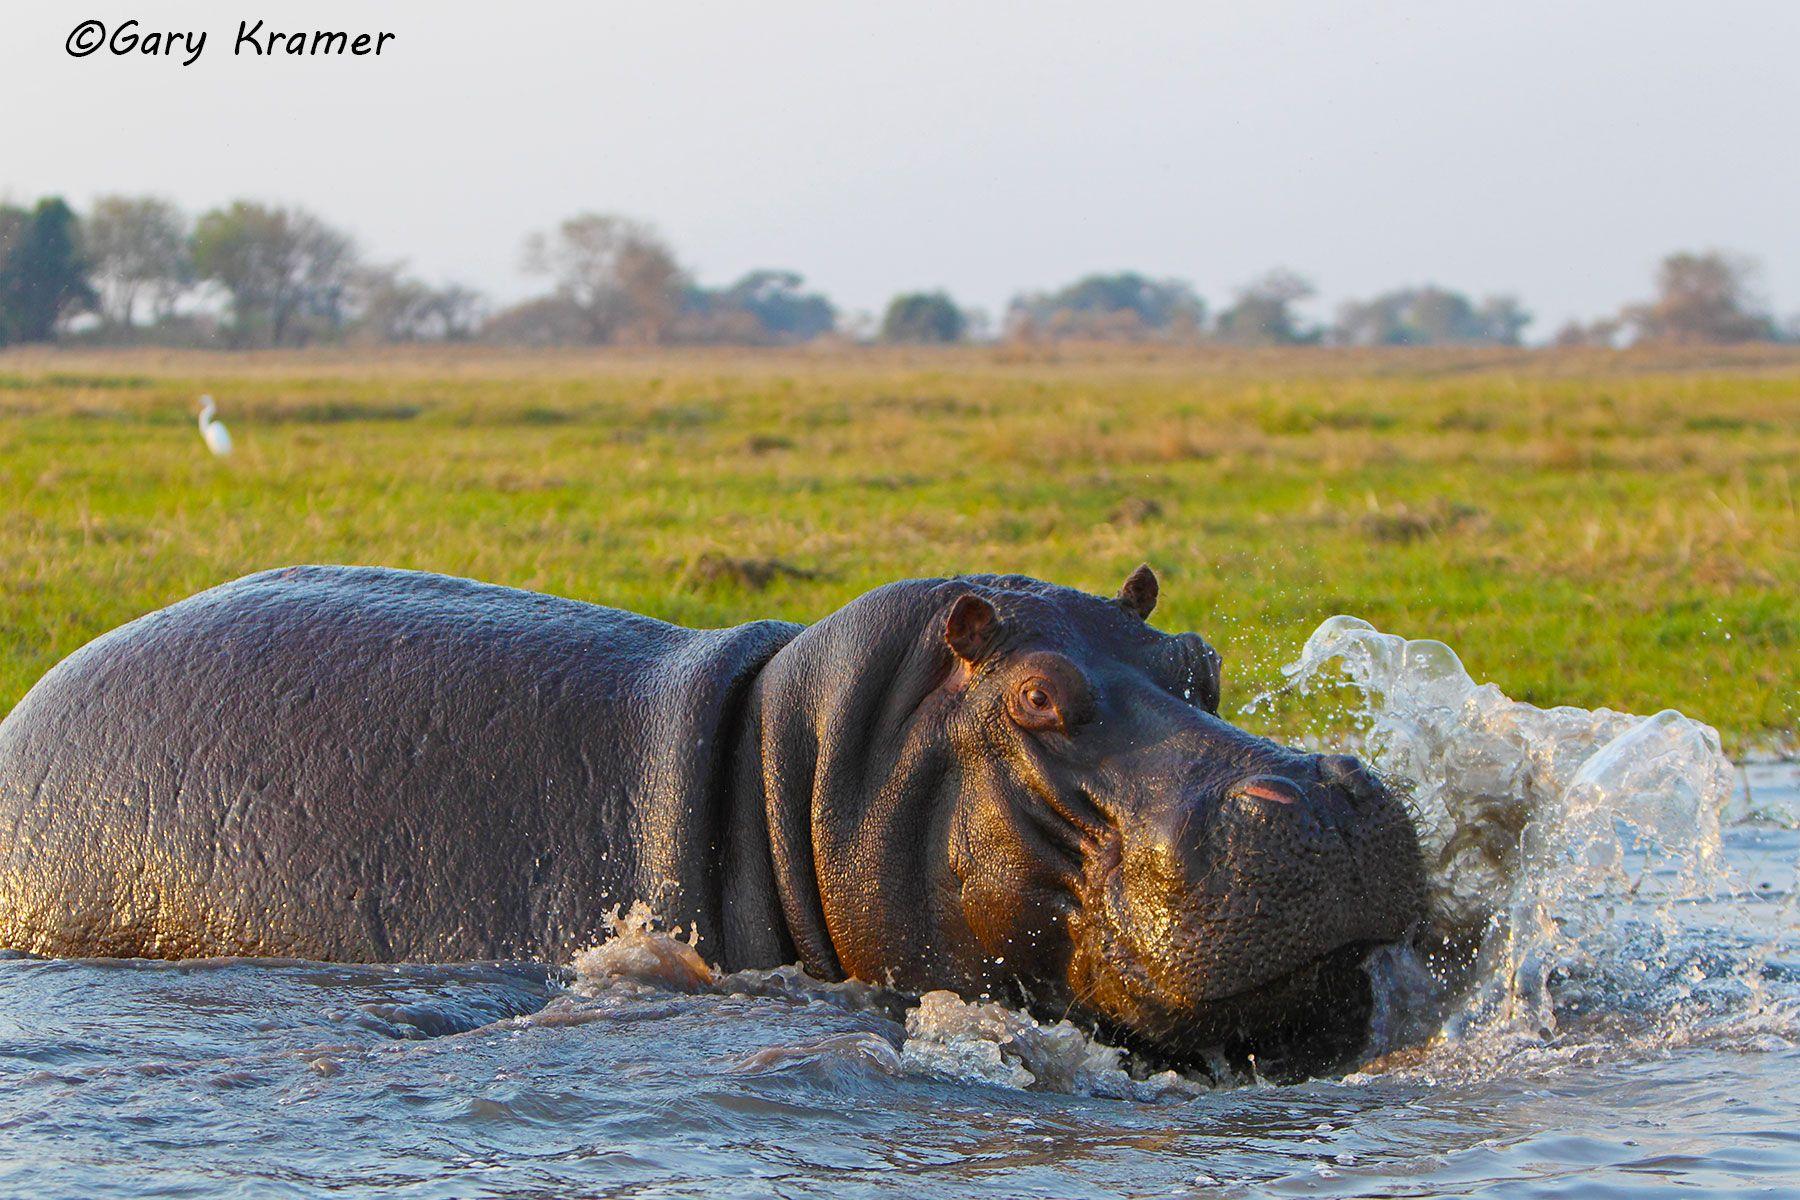 Hippopotamus (Hippopotamus amphibius) - AMH#163d